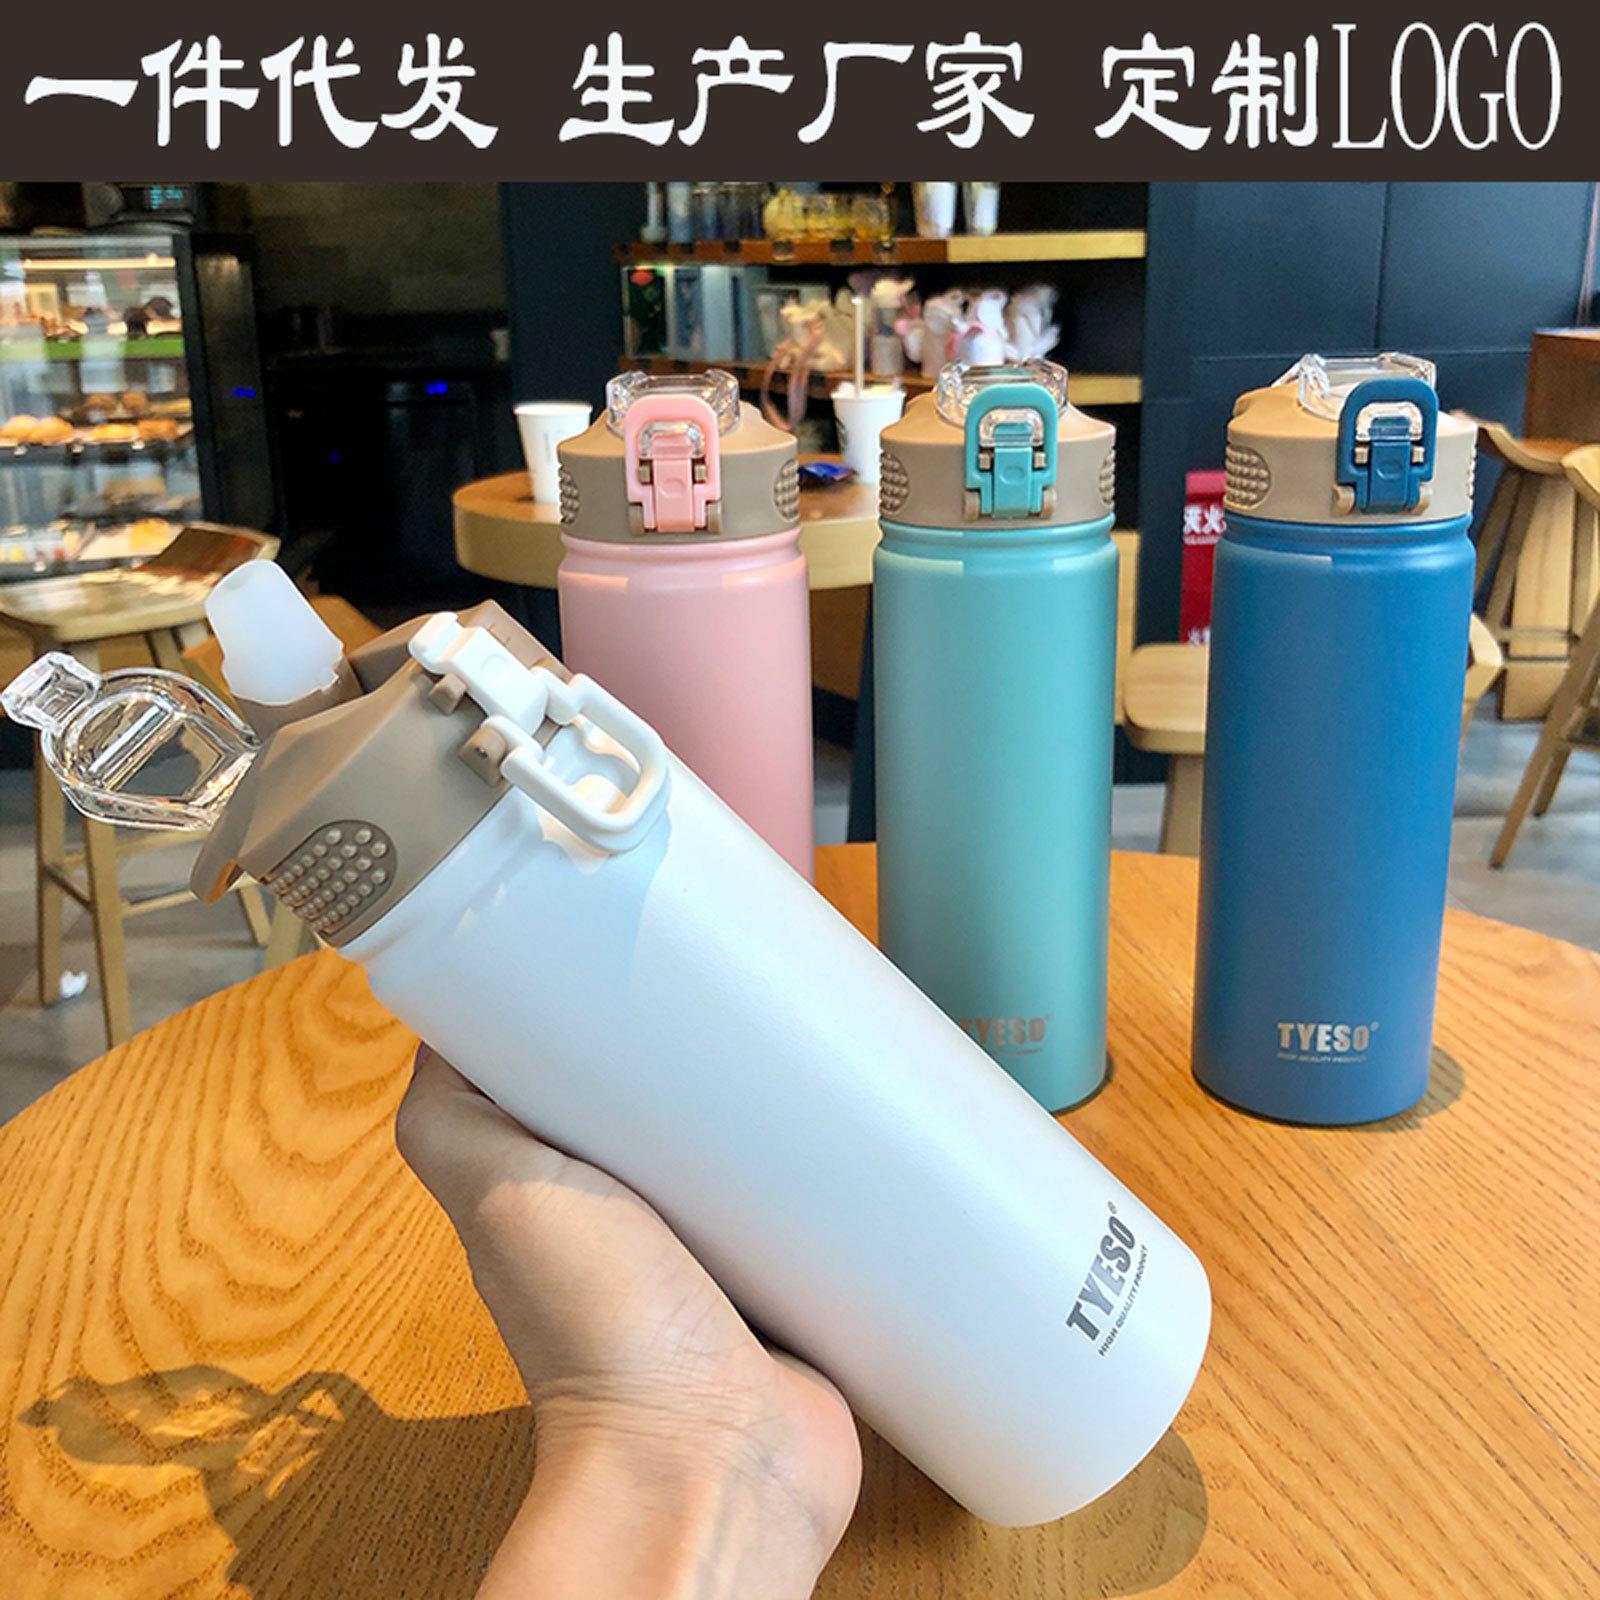 磨砂保温杯女学生大容量吸管水杯大人简约便携清新个性不锈钢杯子